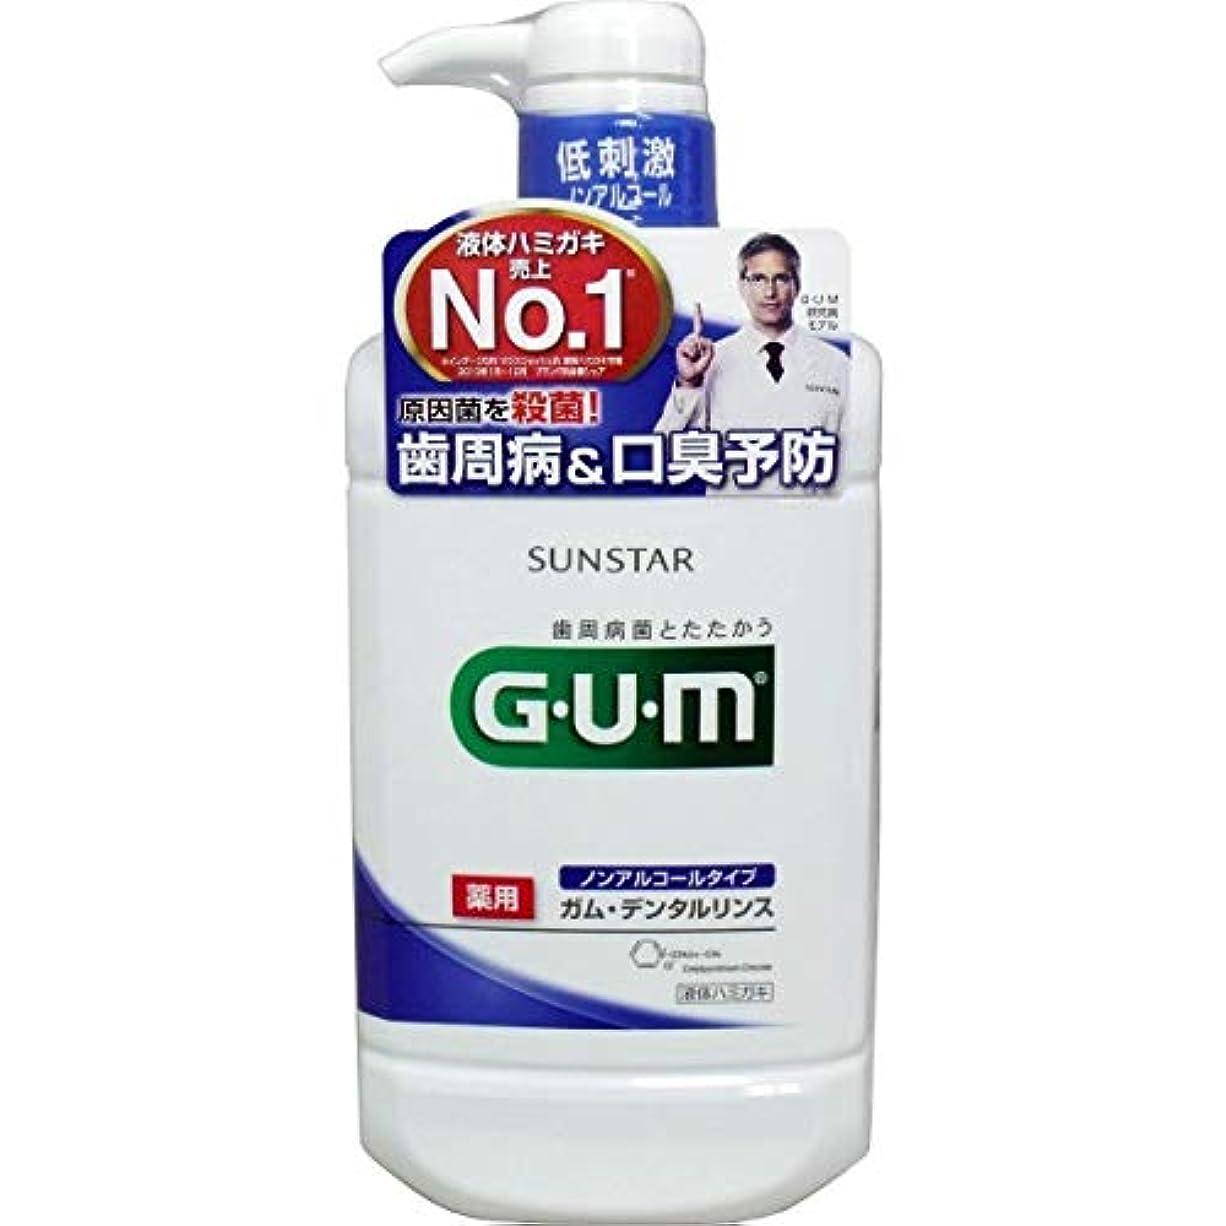 デジタルステーキラックGUM(ガム)?デンタルリンス (ノンアルコールタイプ) 960mL (医薬部外品) × 6点